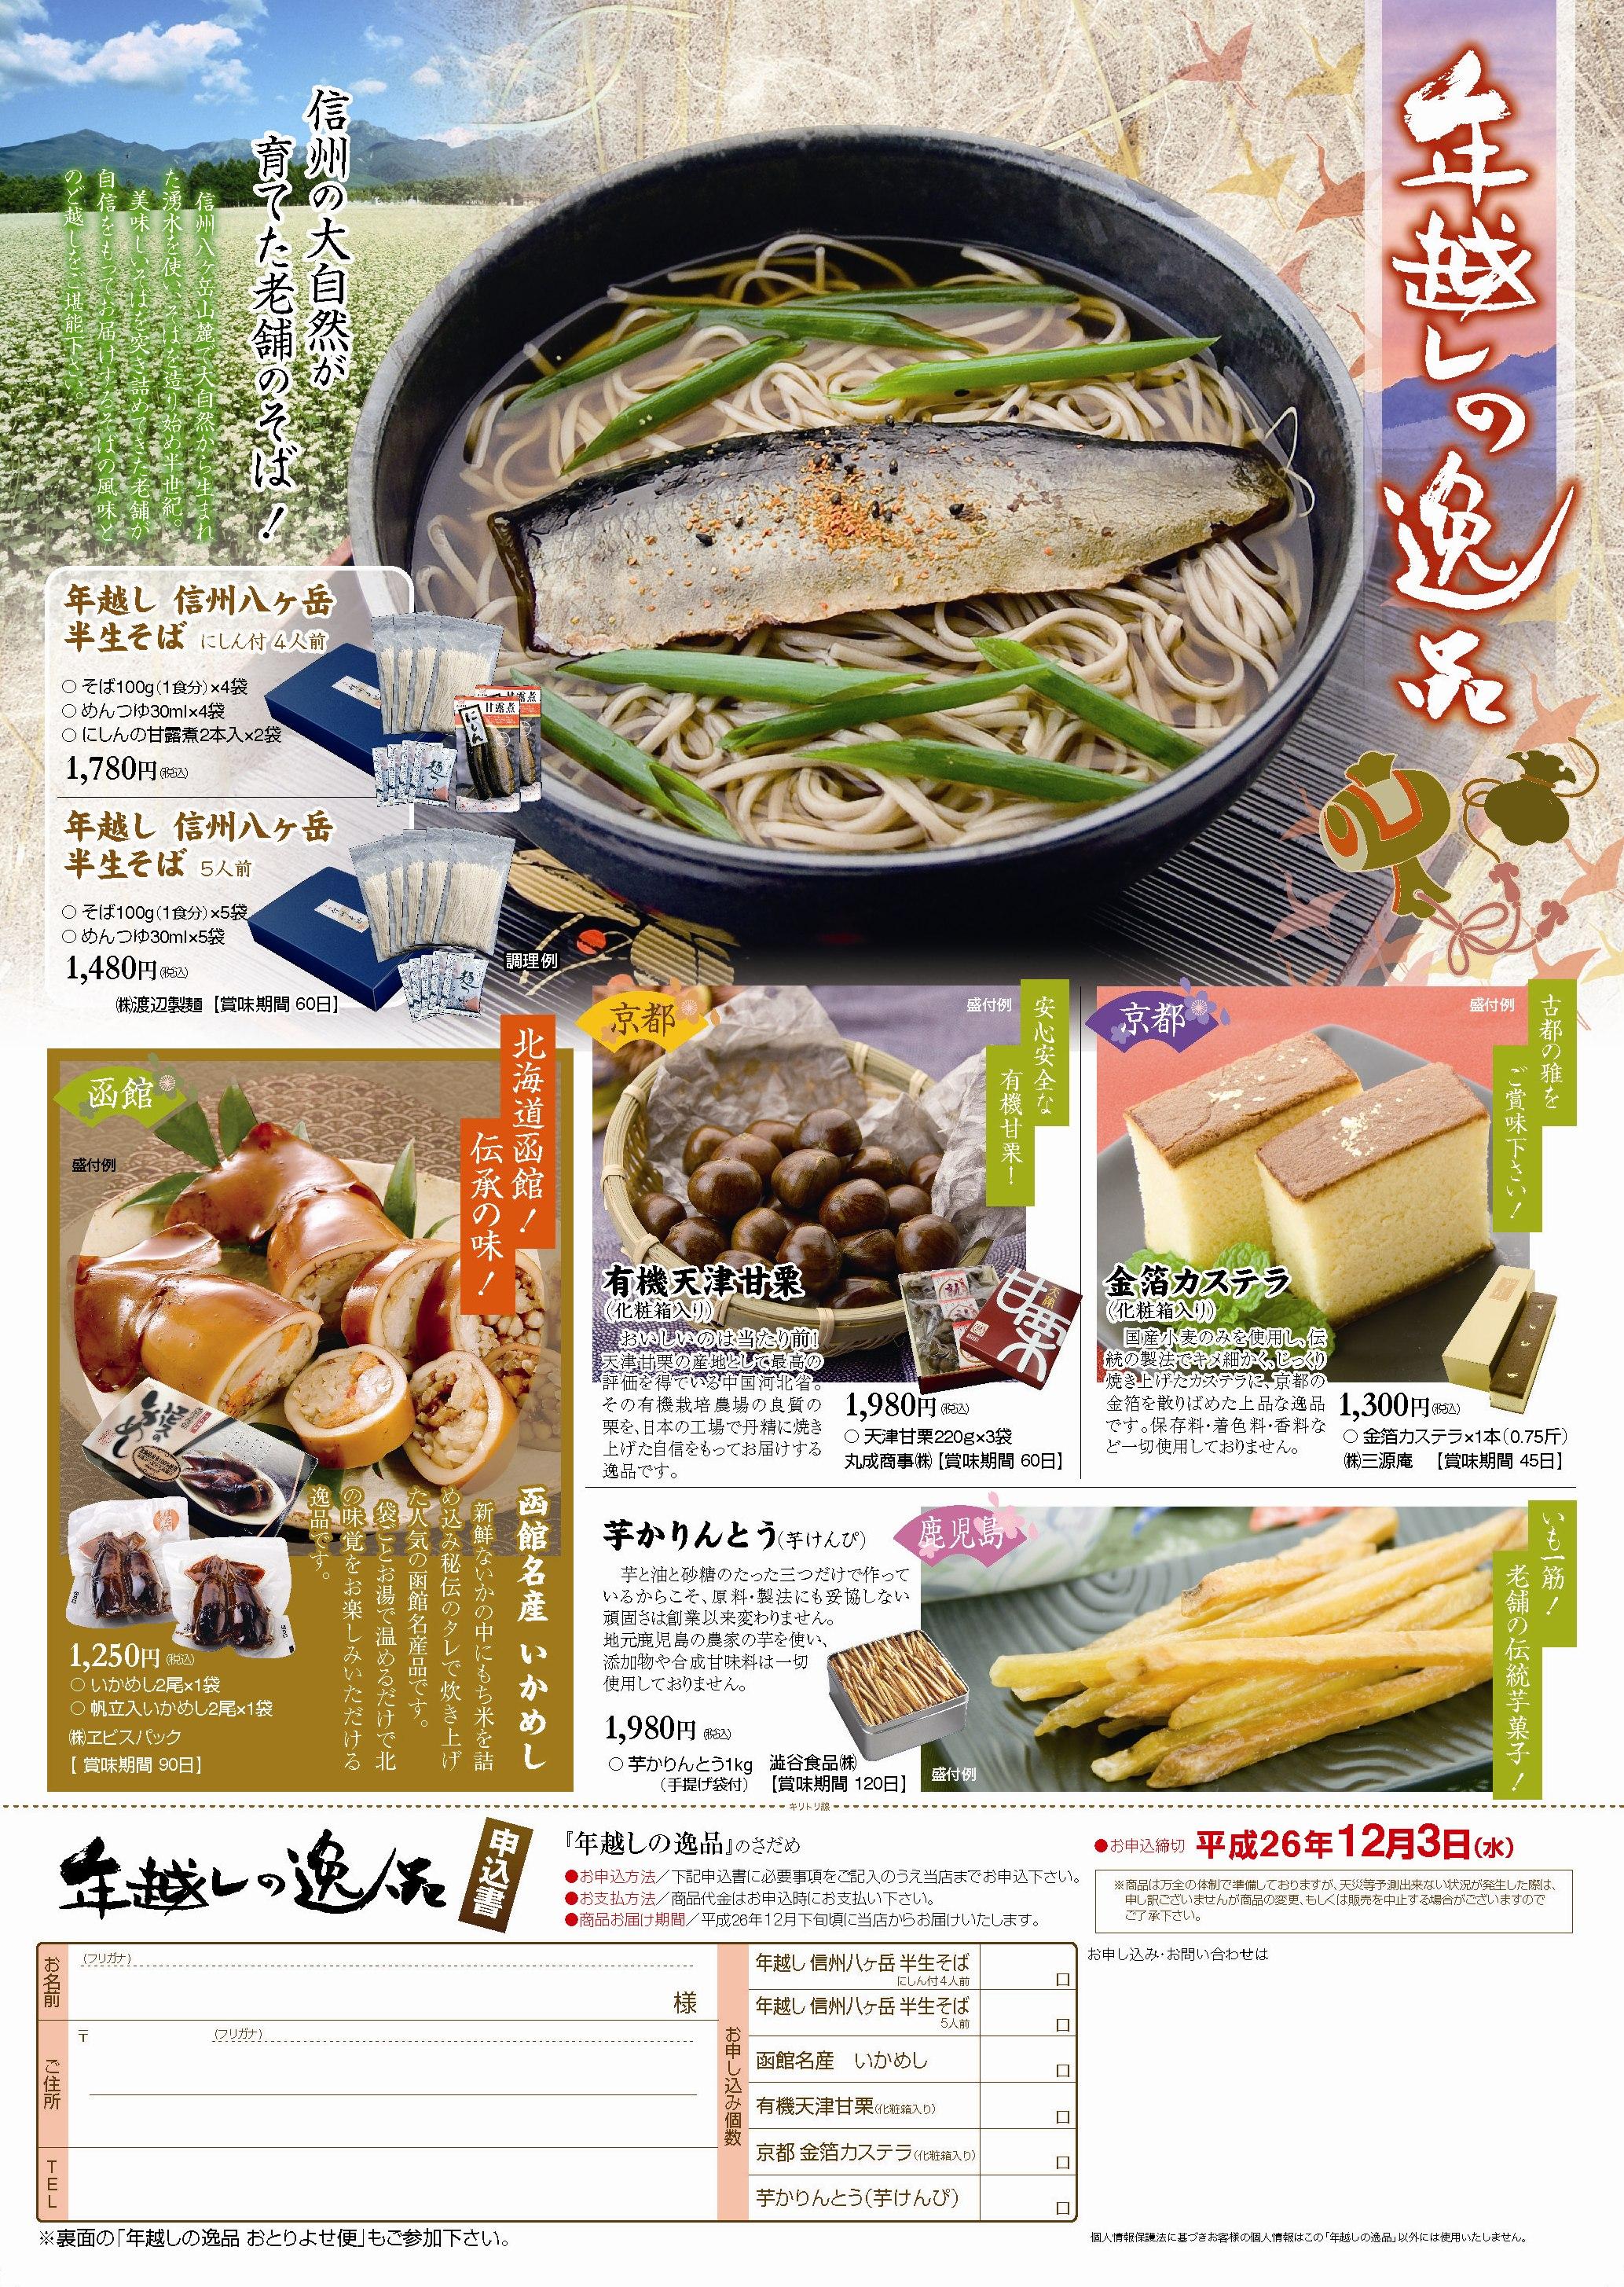 2014年越しの逸品チラシ(表)